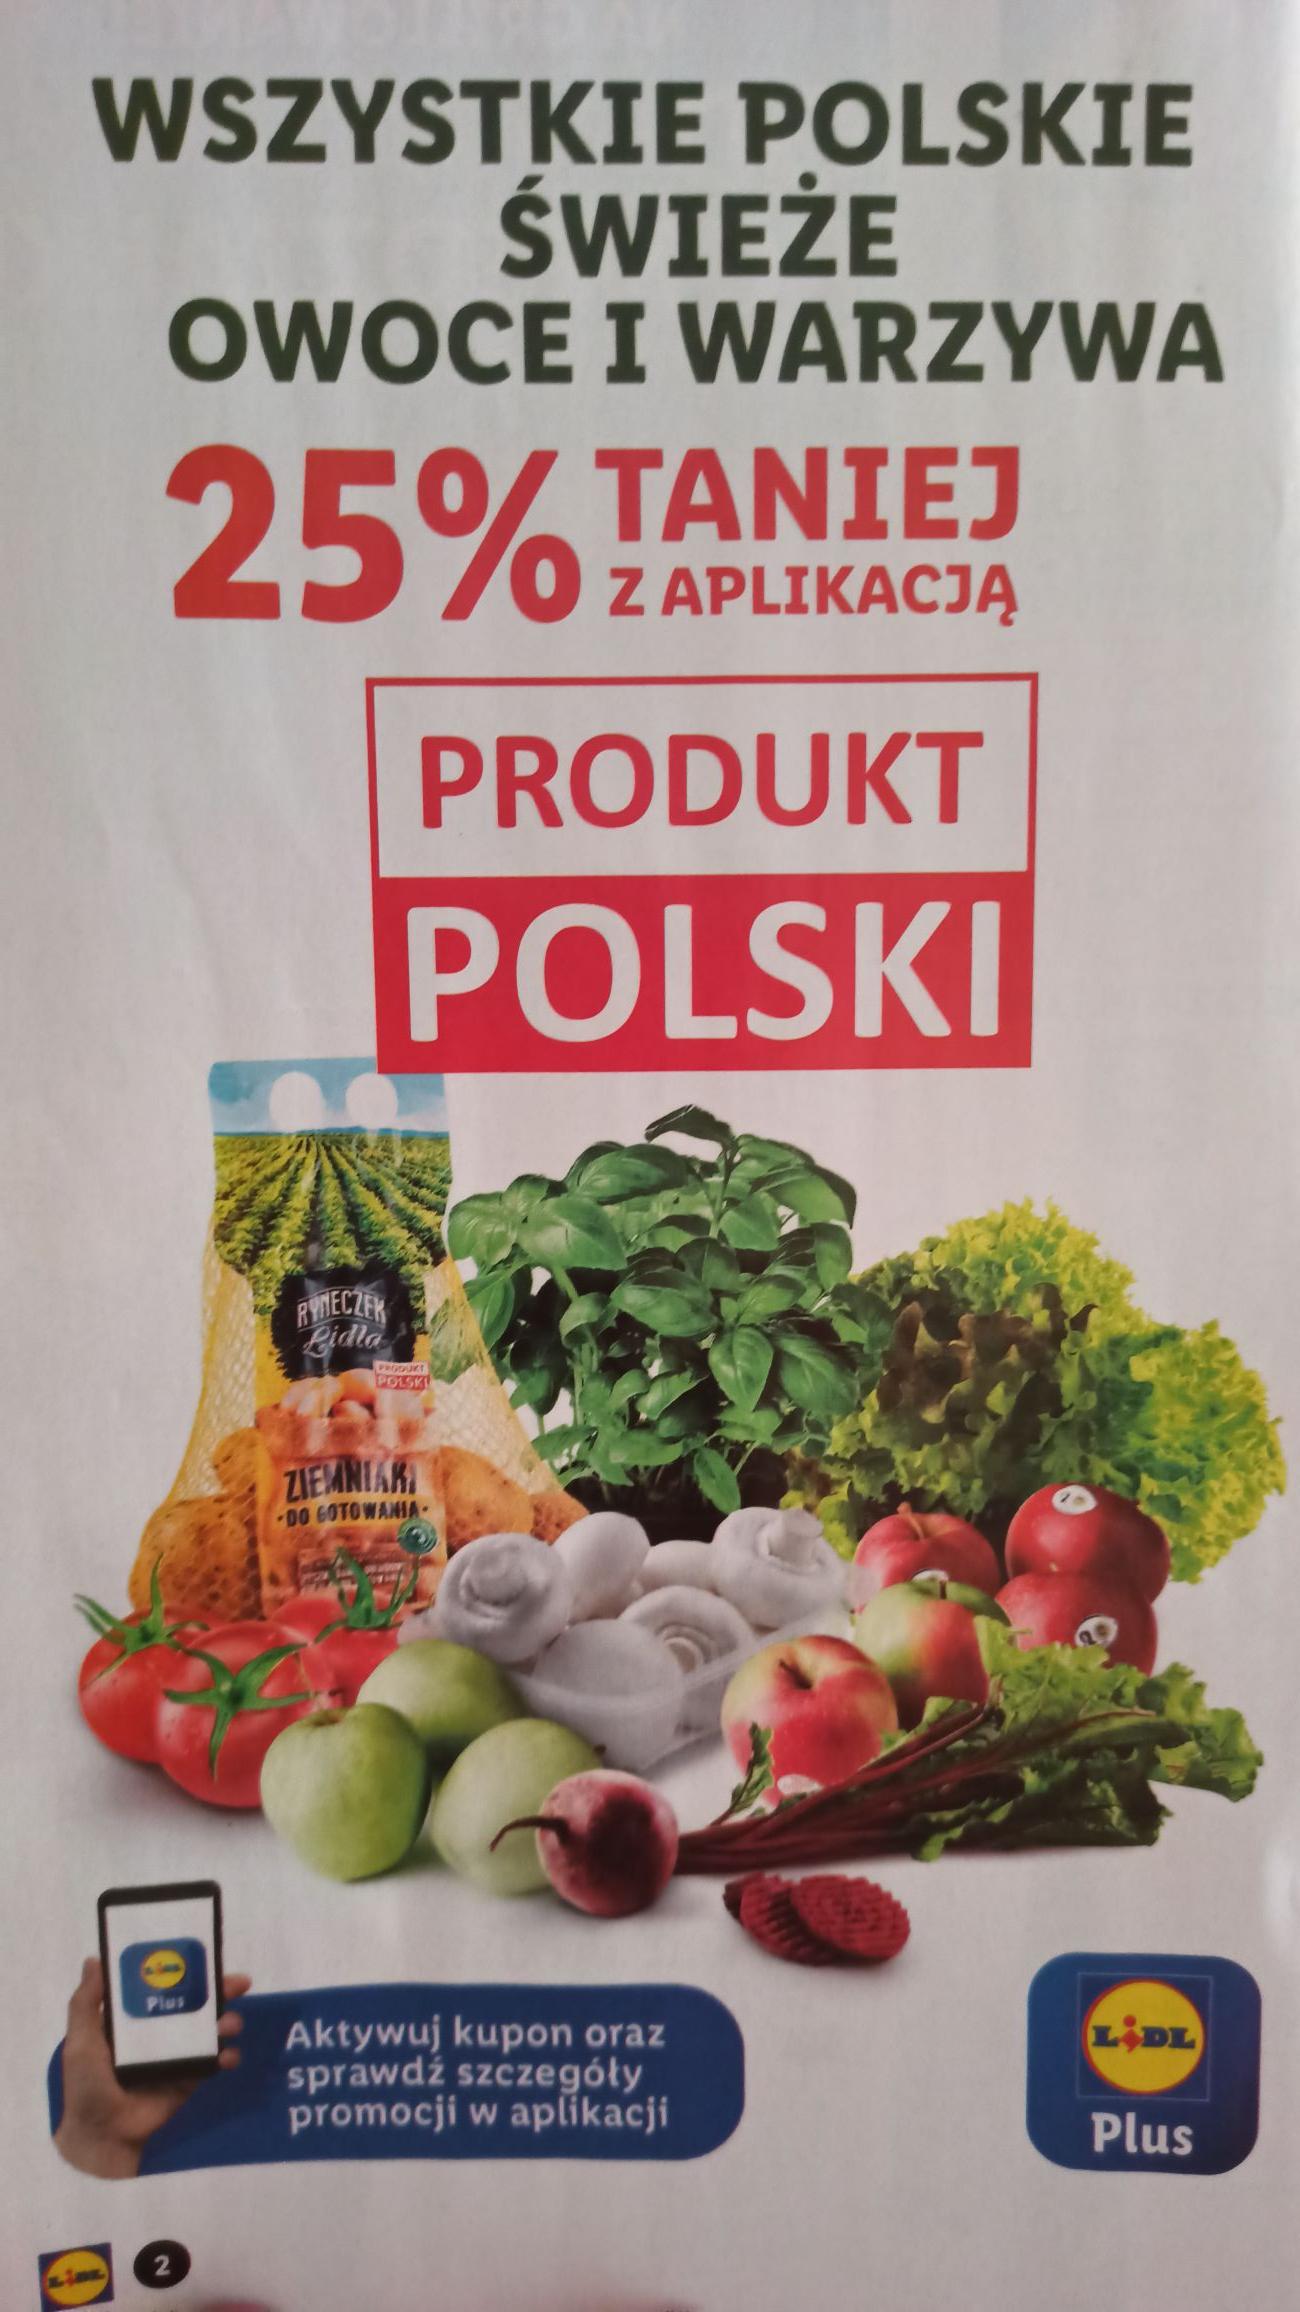 Polskie świeże warzywa i owoce -25%